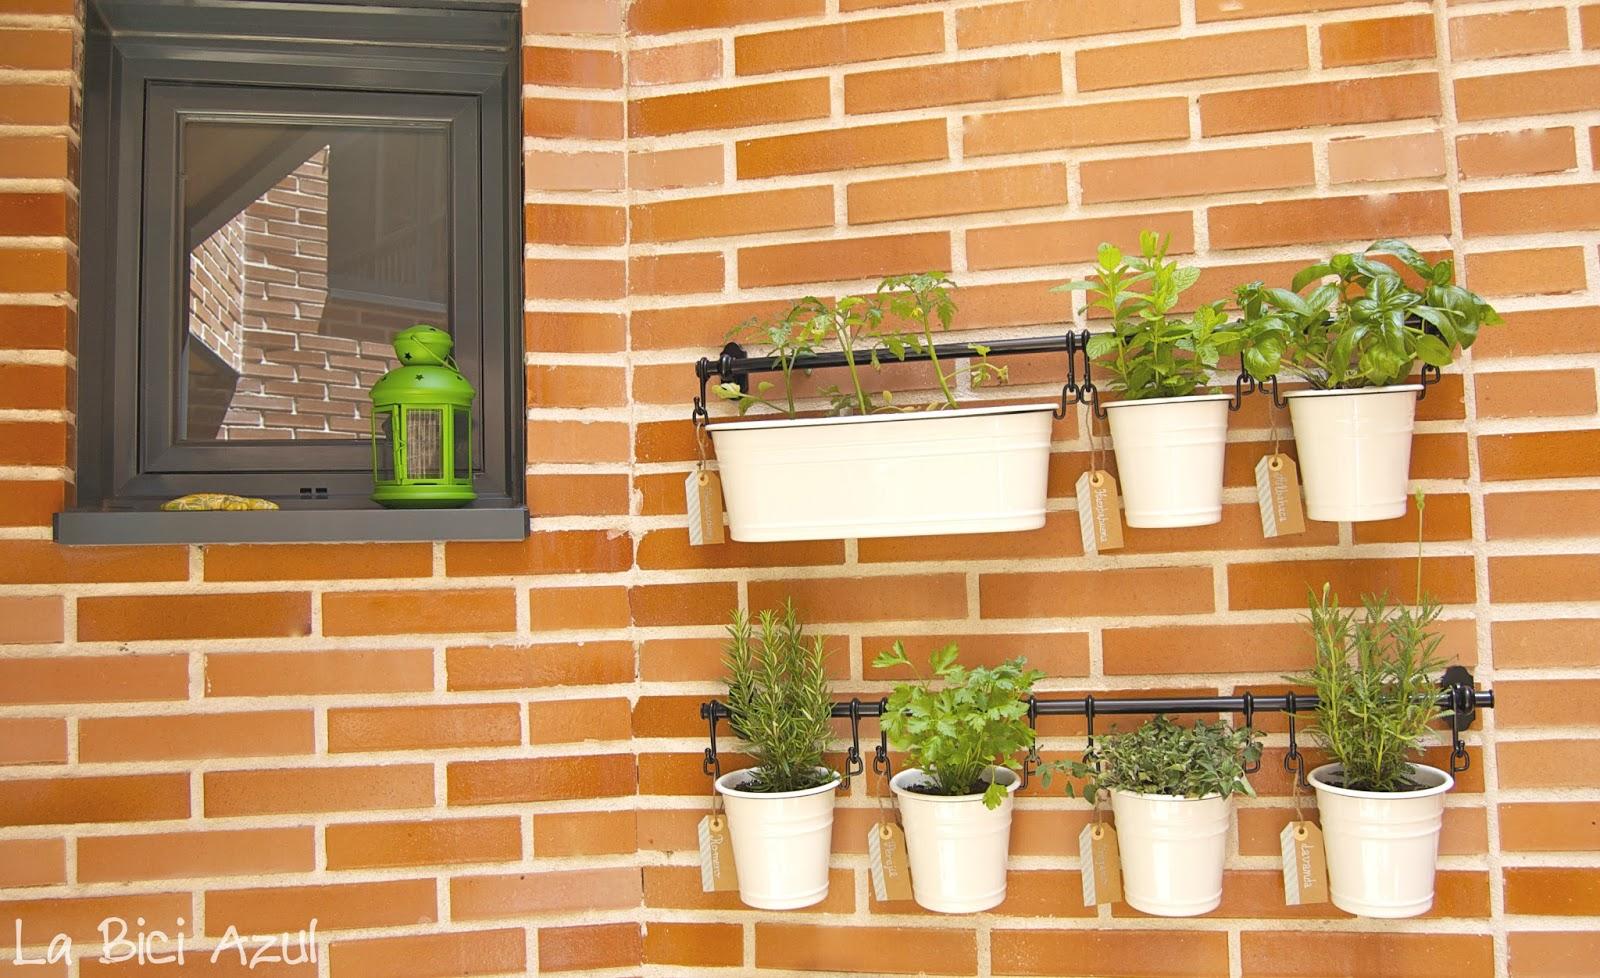 Diy jard n arom tico en casa la bici azul blog de for Casa y jardin bazaar 2013